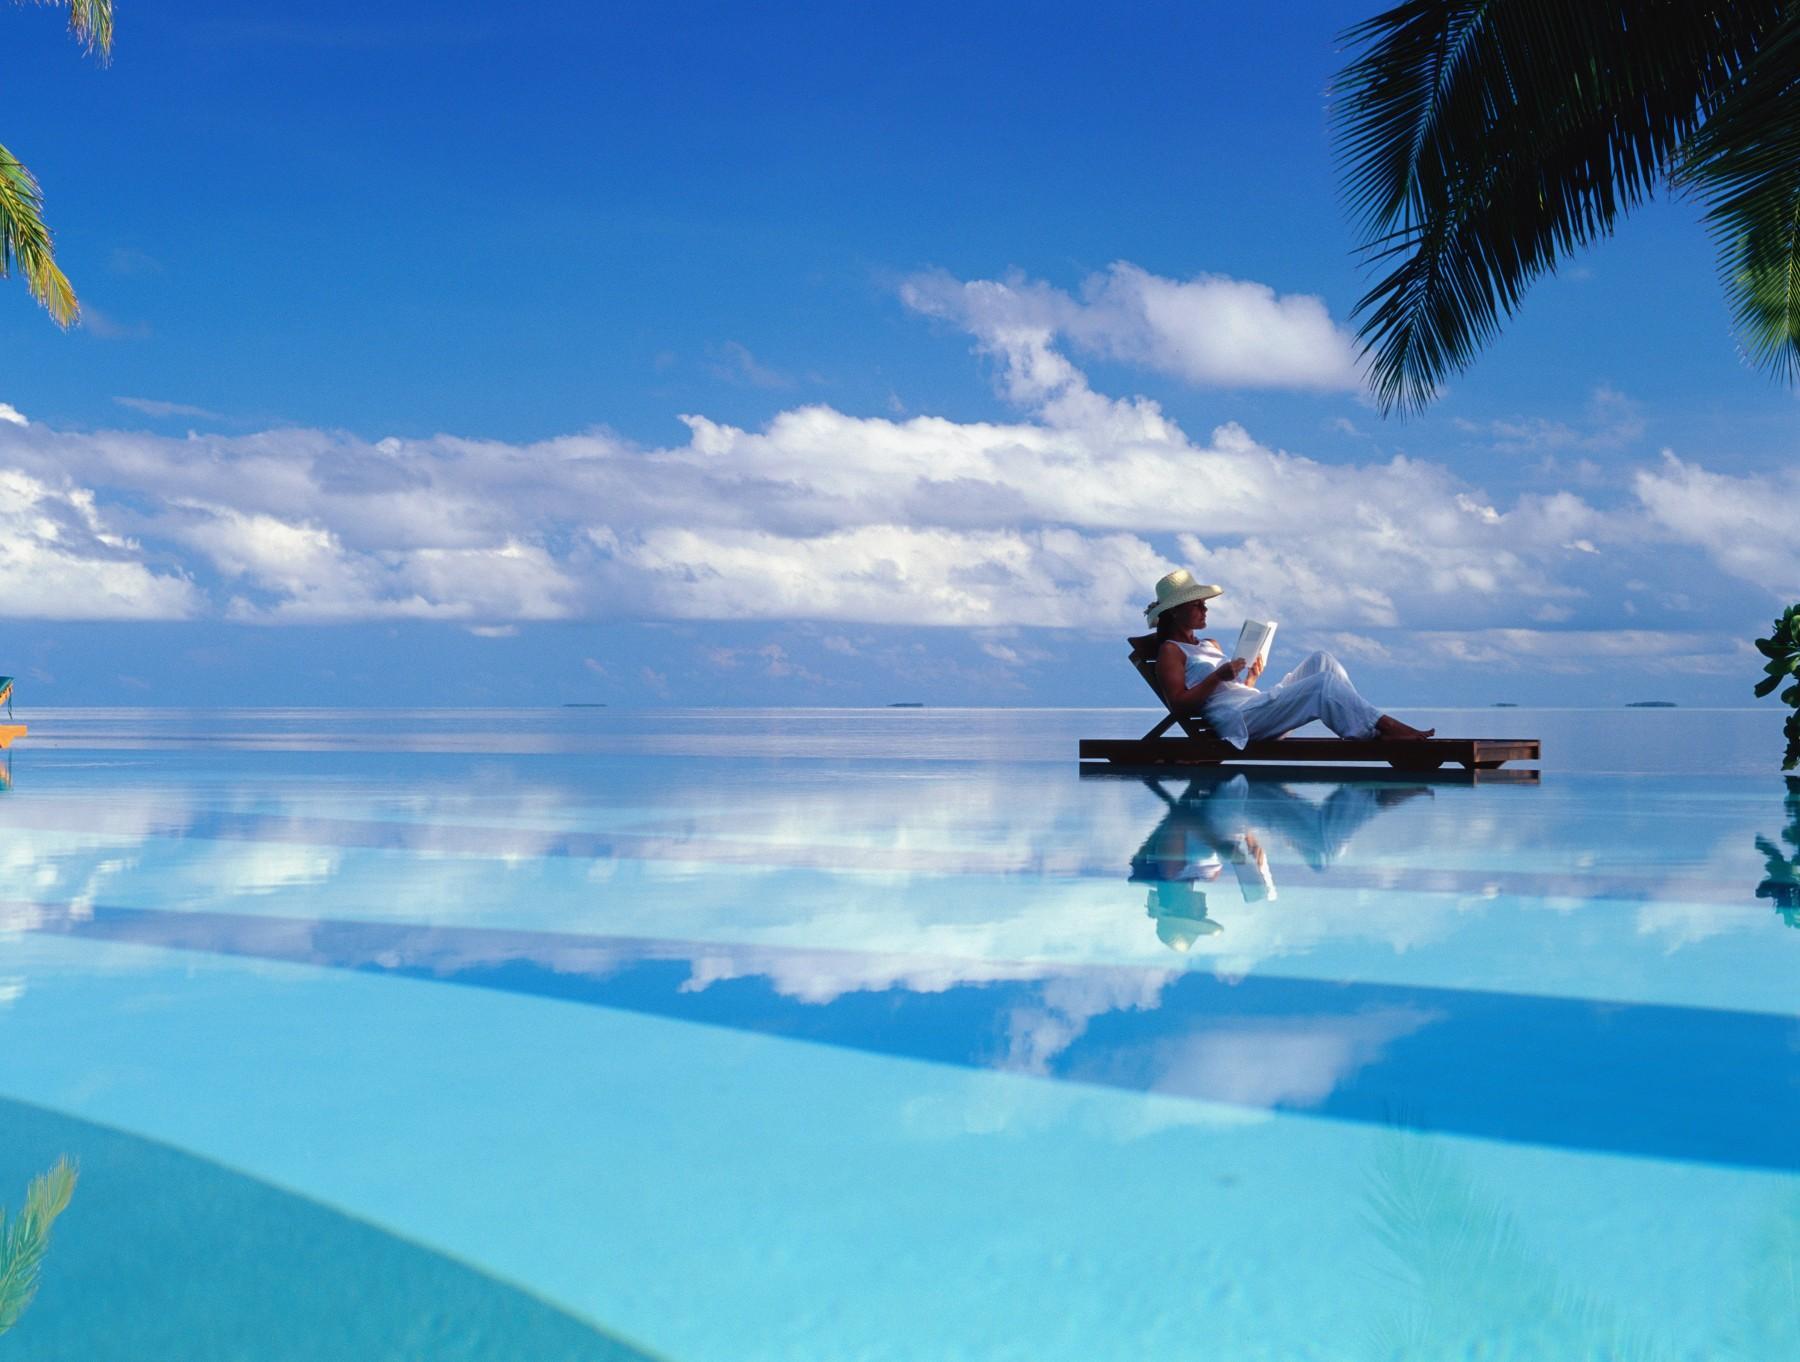 Анталья уже принимает туристов, Мальдивы начнут принимать иностранных туристов на следующей неделе